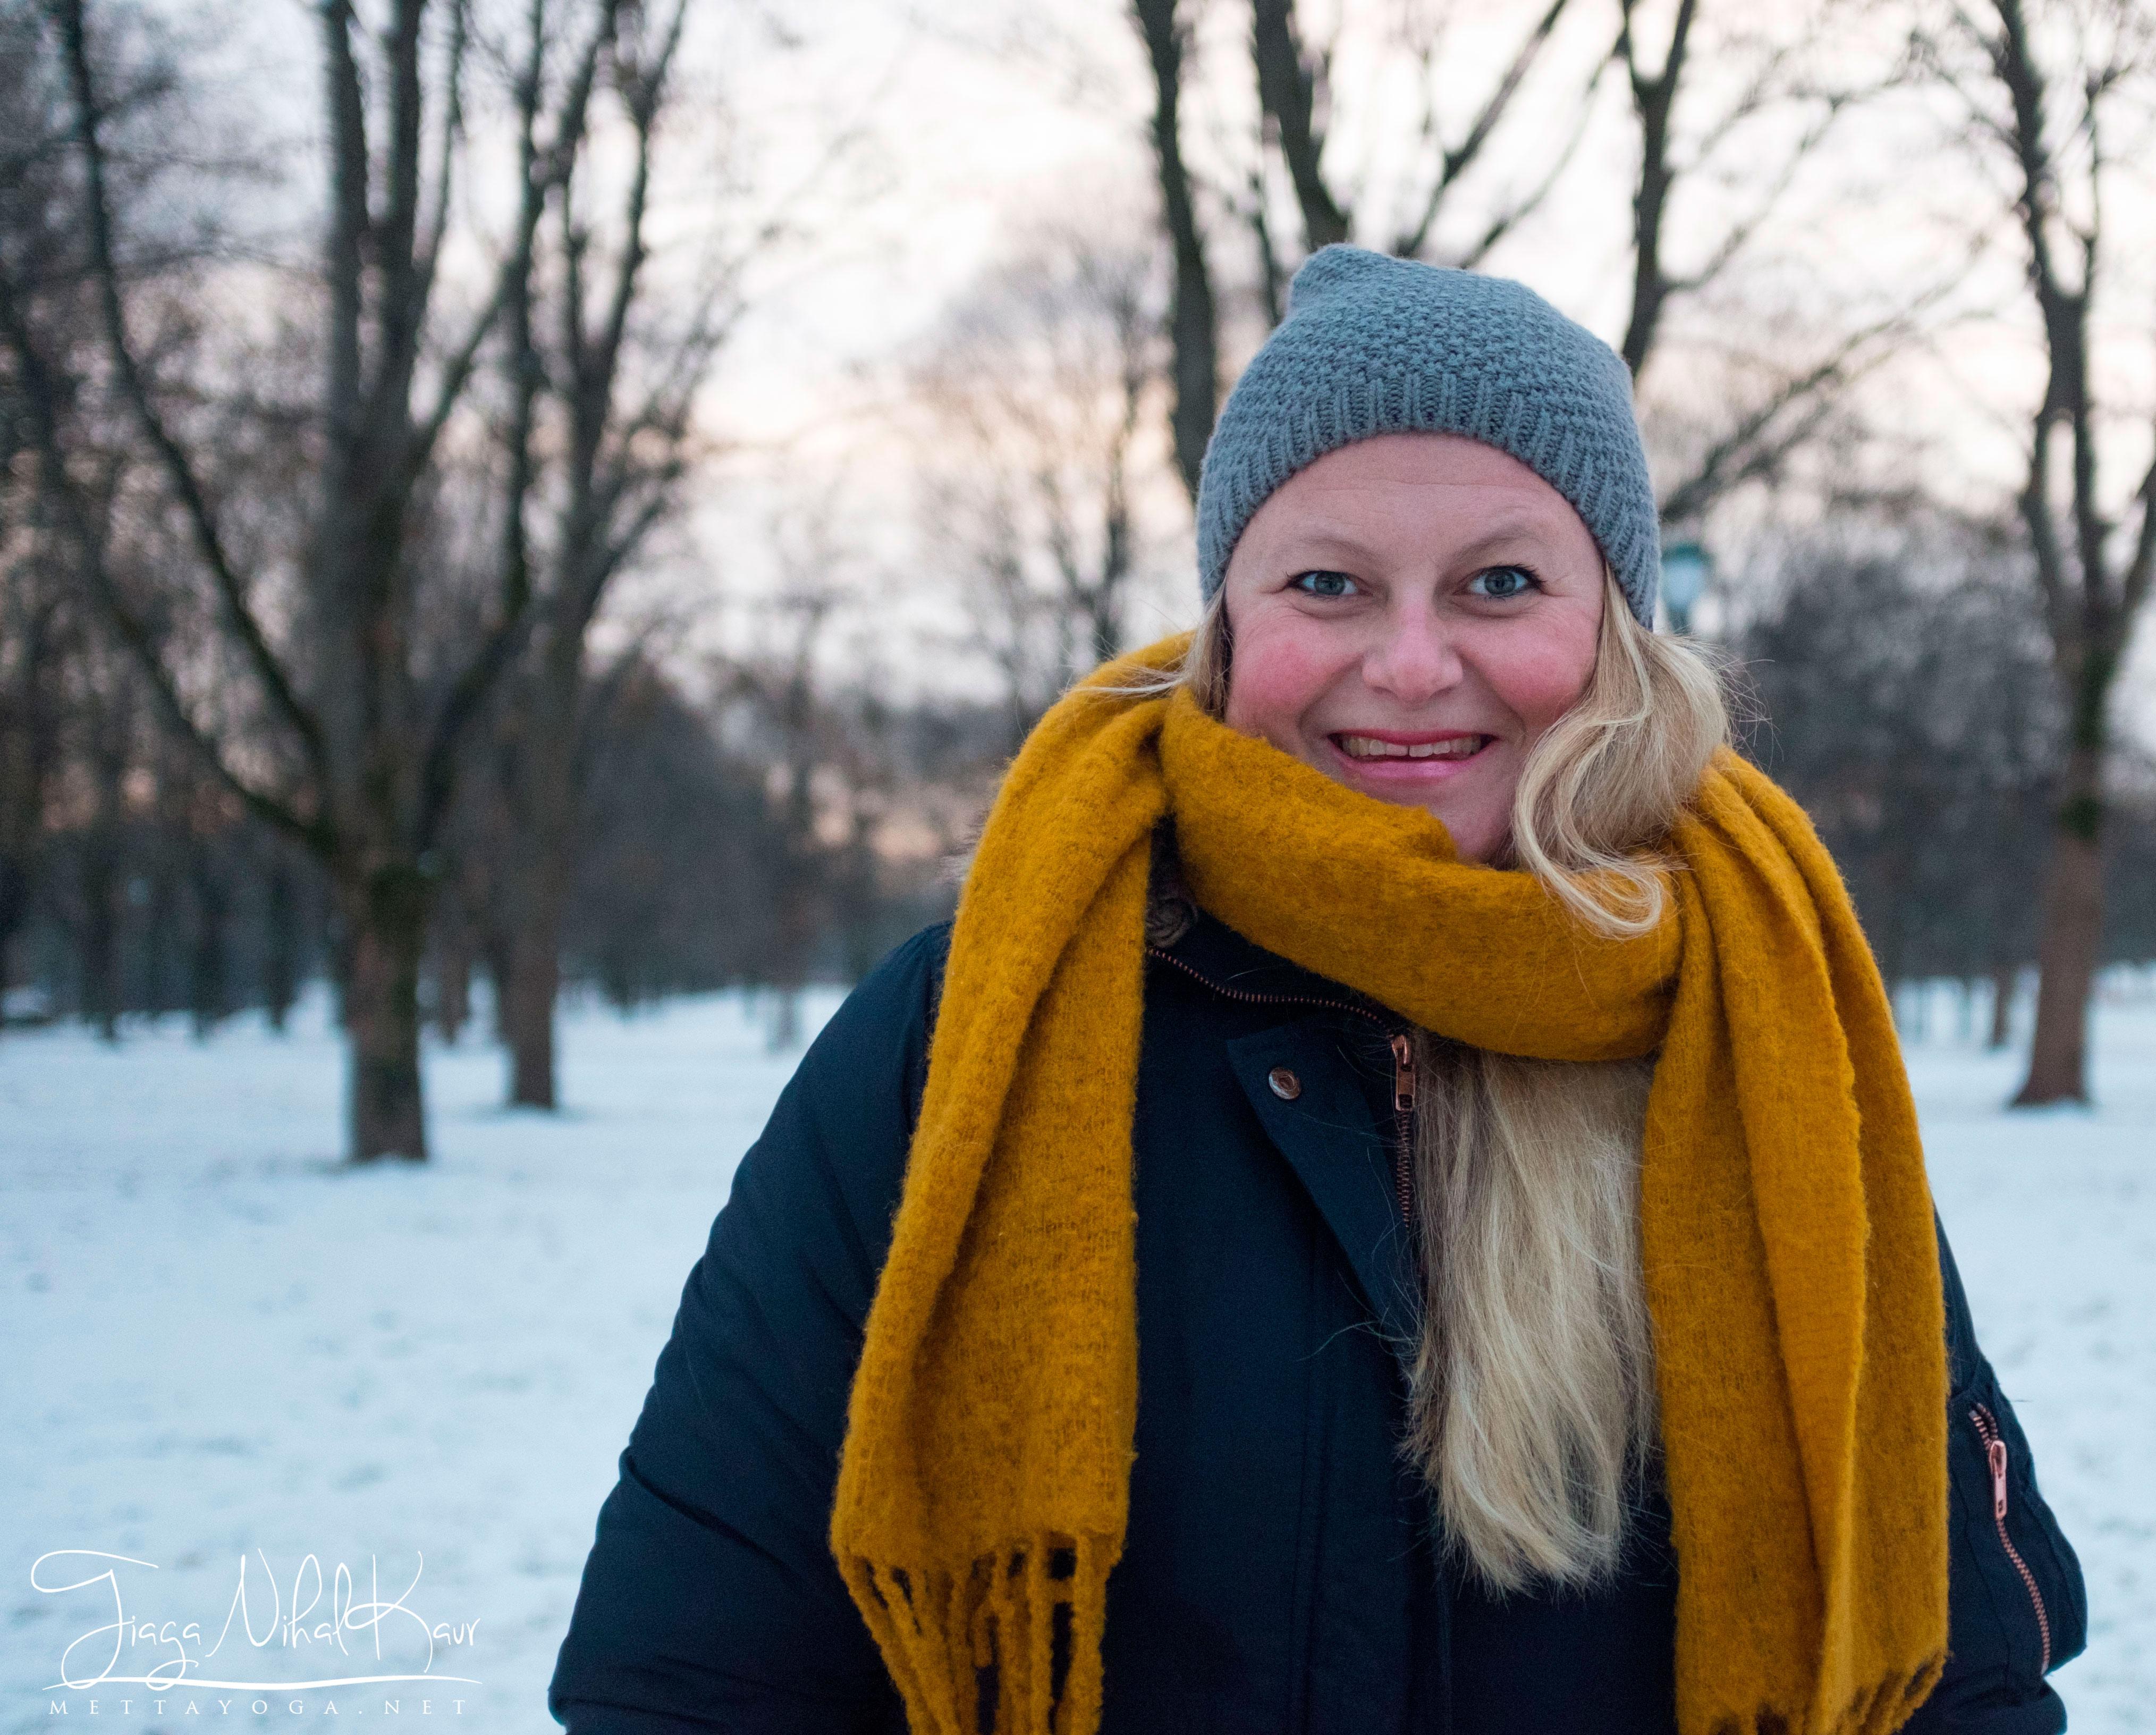 Hanne Aardal Tiaganihalkaur Ttayoga Metta Yoga